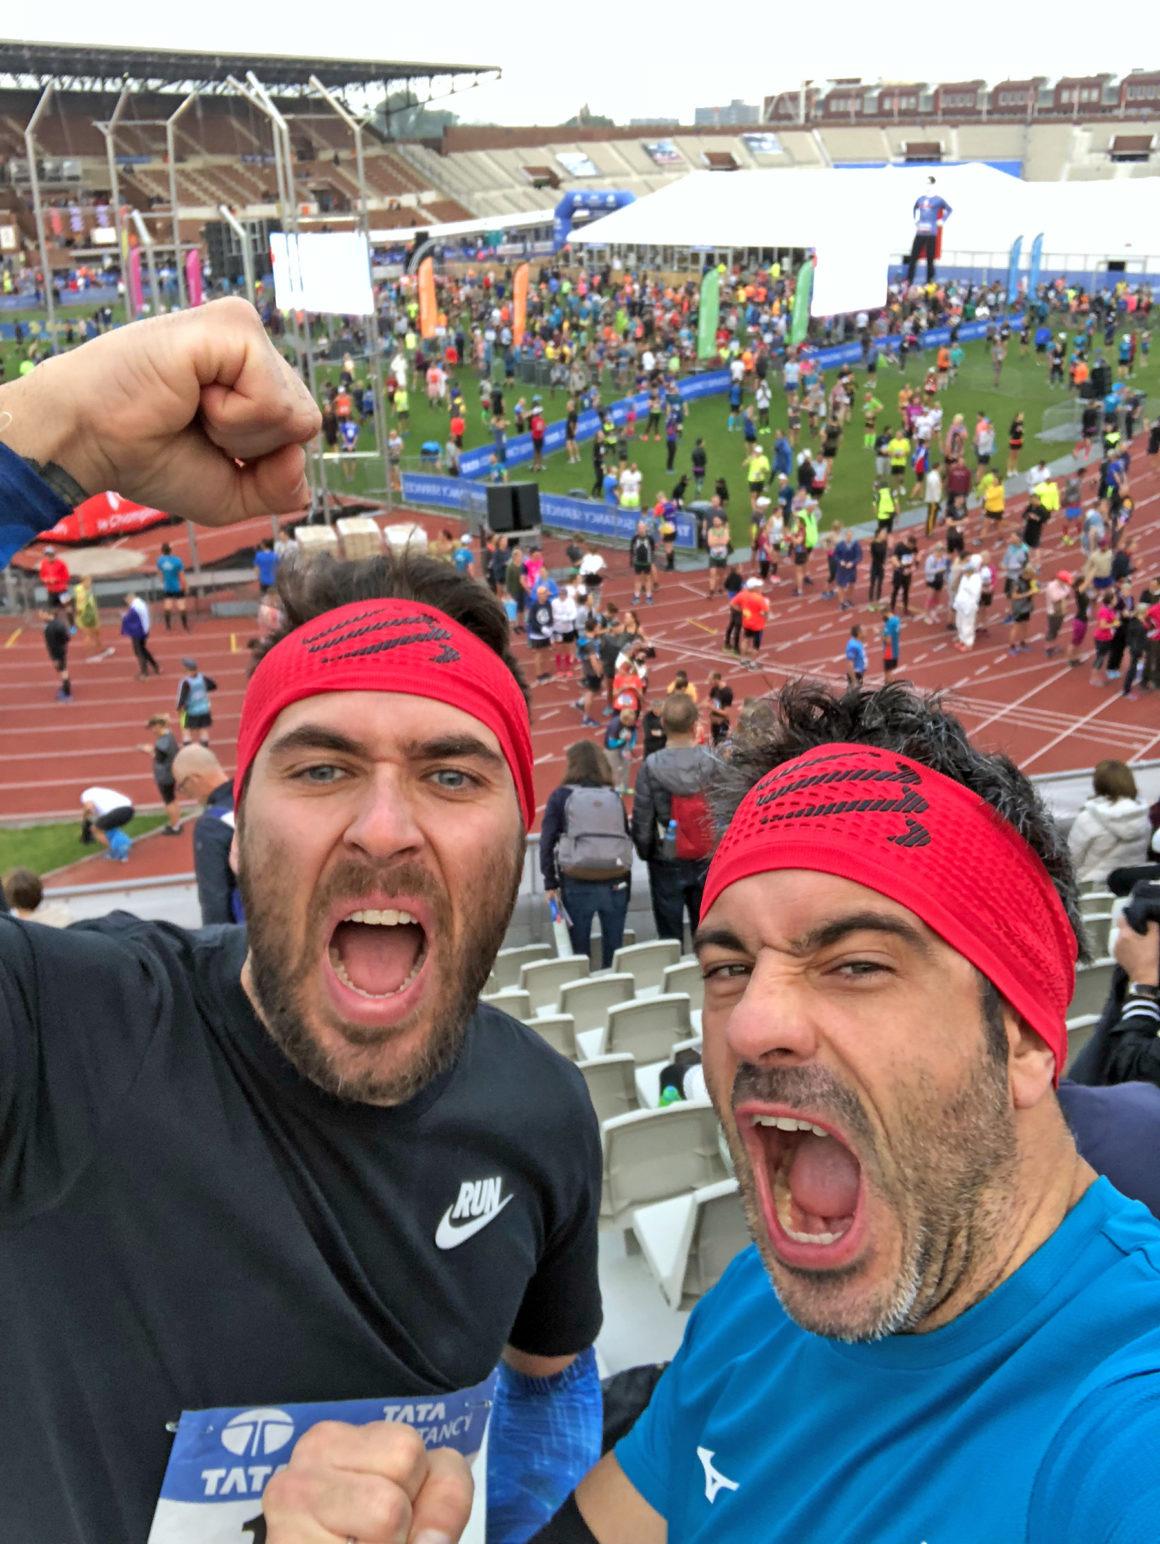 marathon maraton amsterdam maratón de amsterdam - marathon maraton amsterdam 18 1160x1544 - Correr el Maratón de Amsterdam: análisis, recorrido, entrenamiento y recomendaciones de viaje